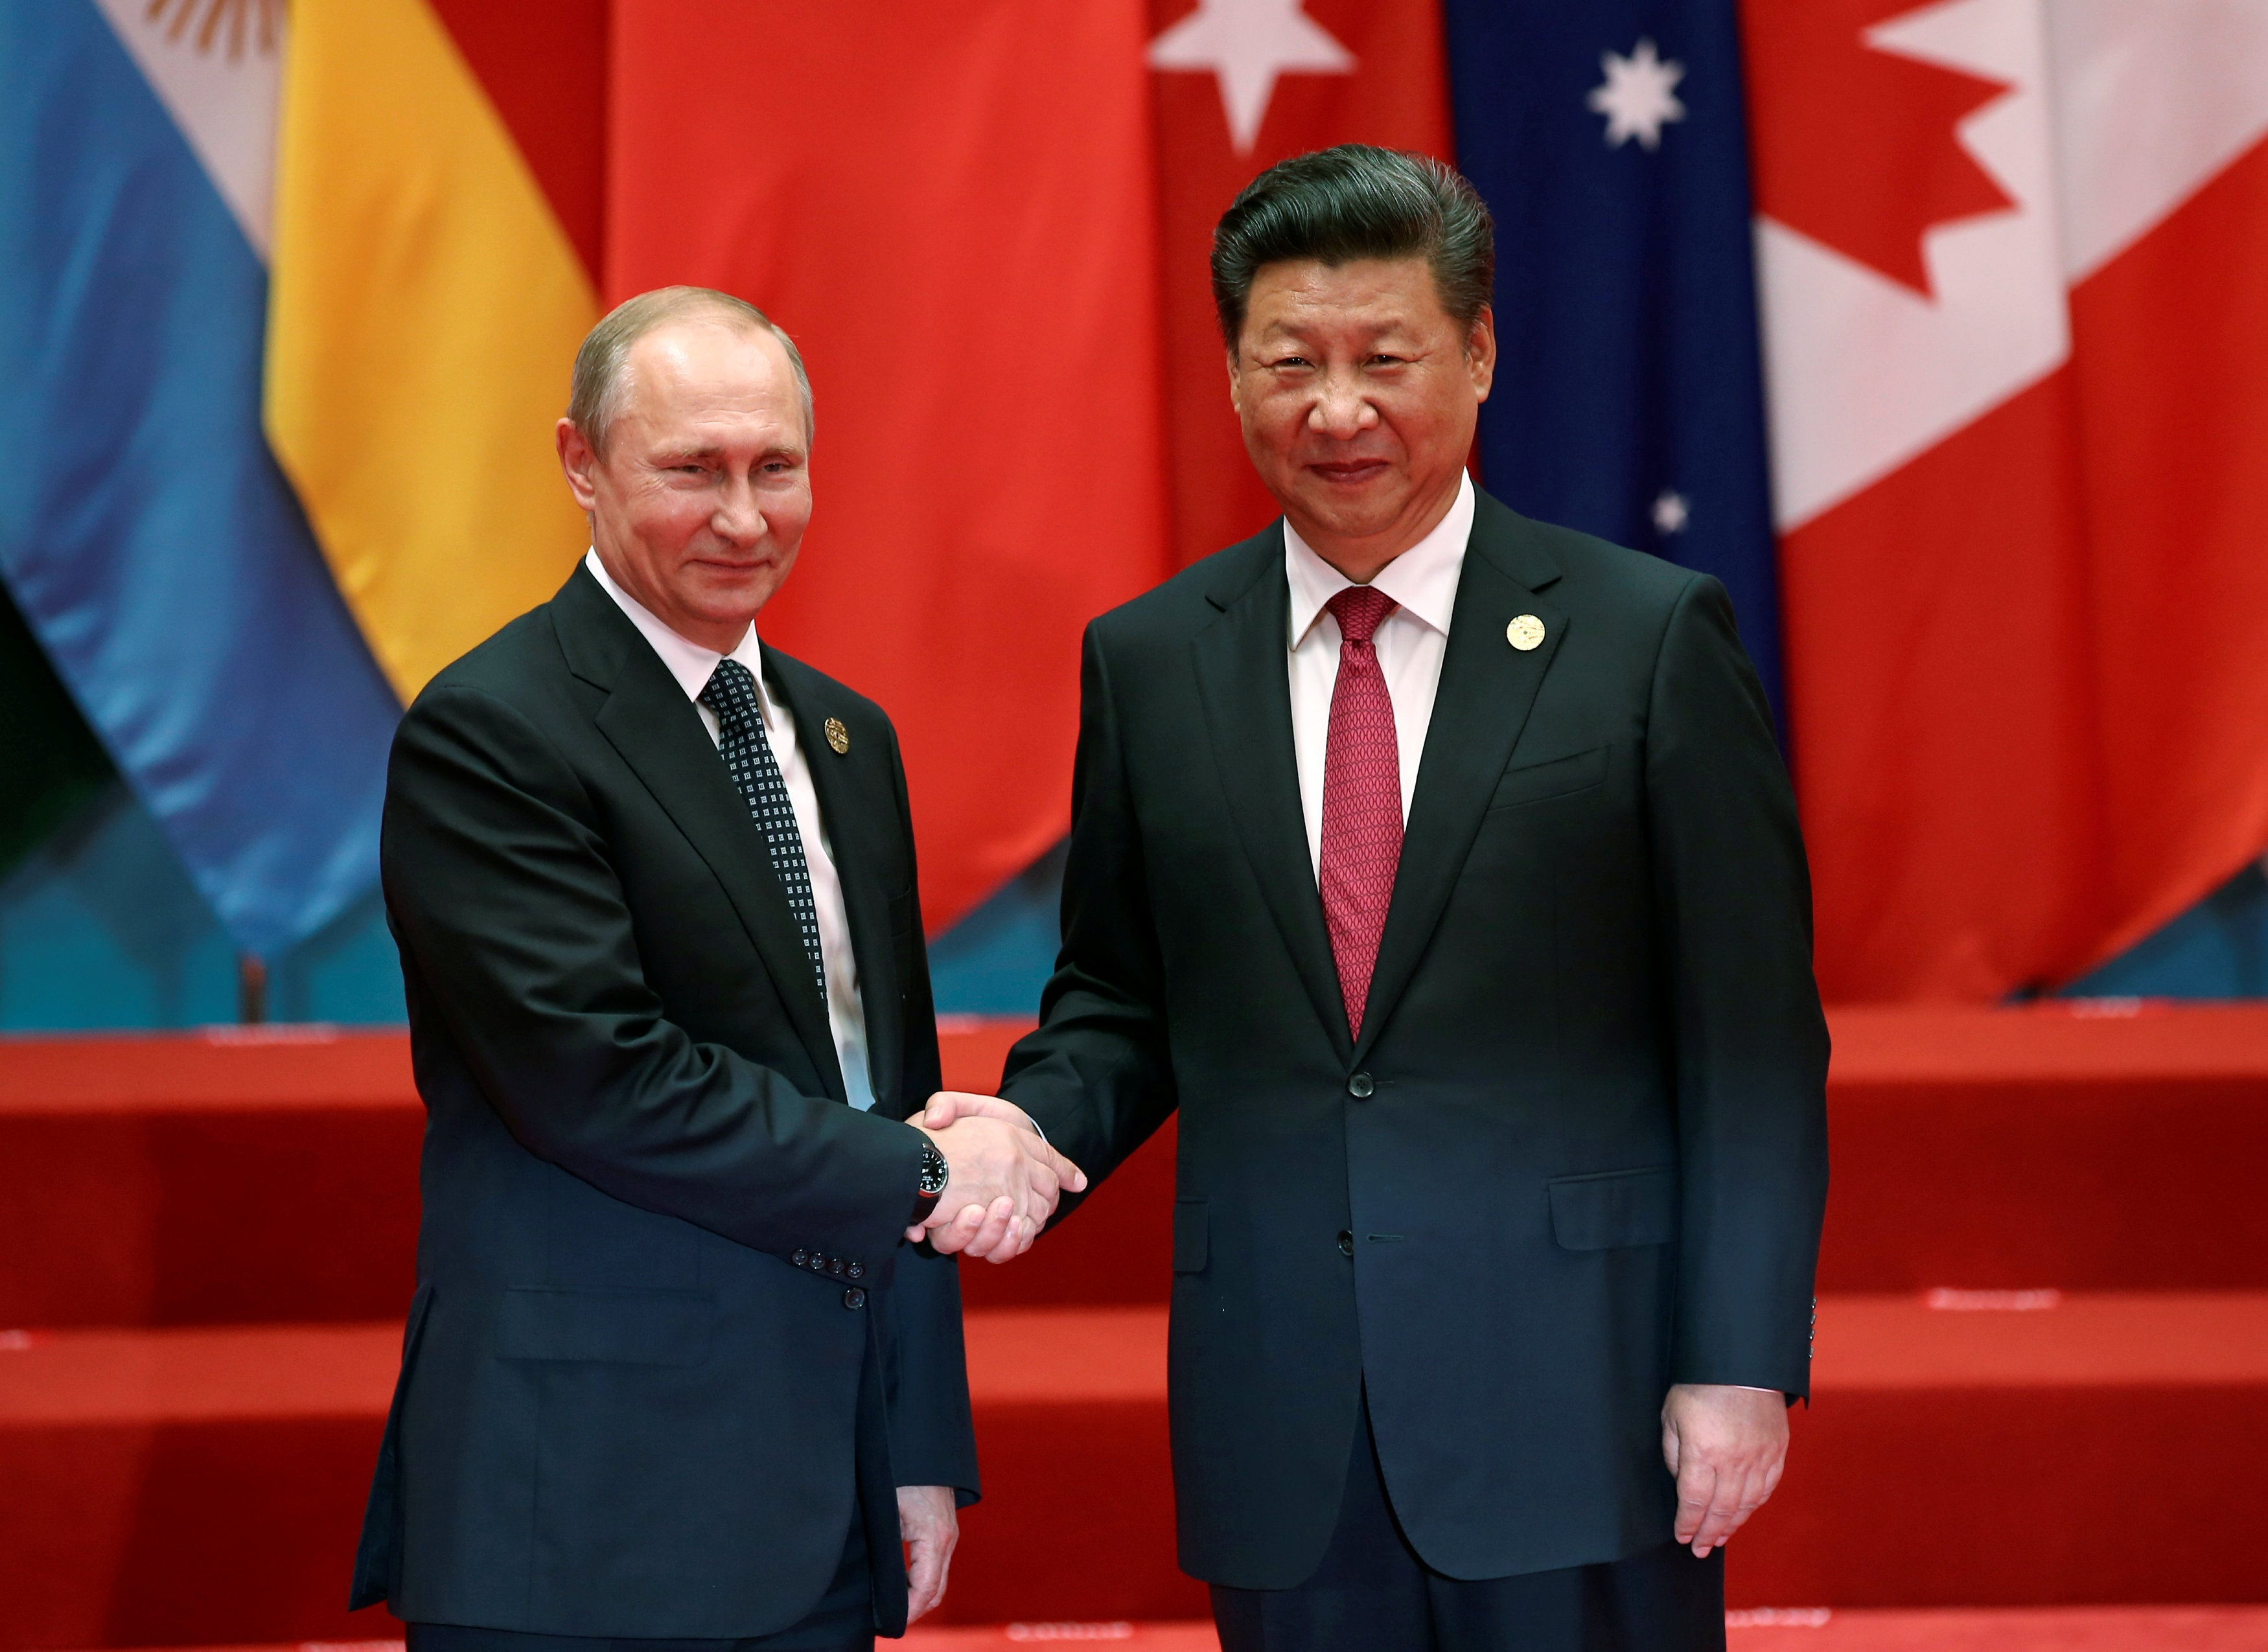 Tổng thống Nga Vladimir Putin (trái) và Chủ tịch Trung Quốc Tập Cận Bình tại Hàng Châu (Ảnh: Reuters)